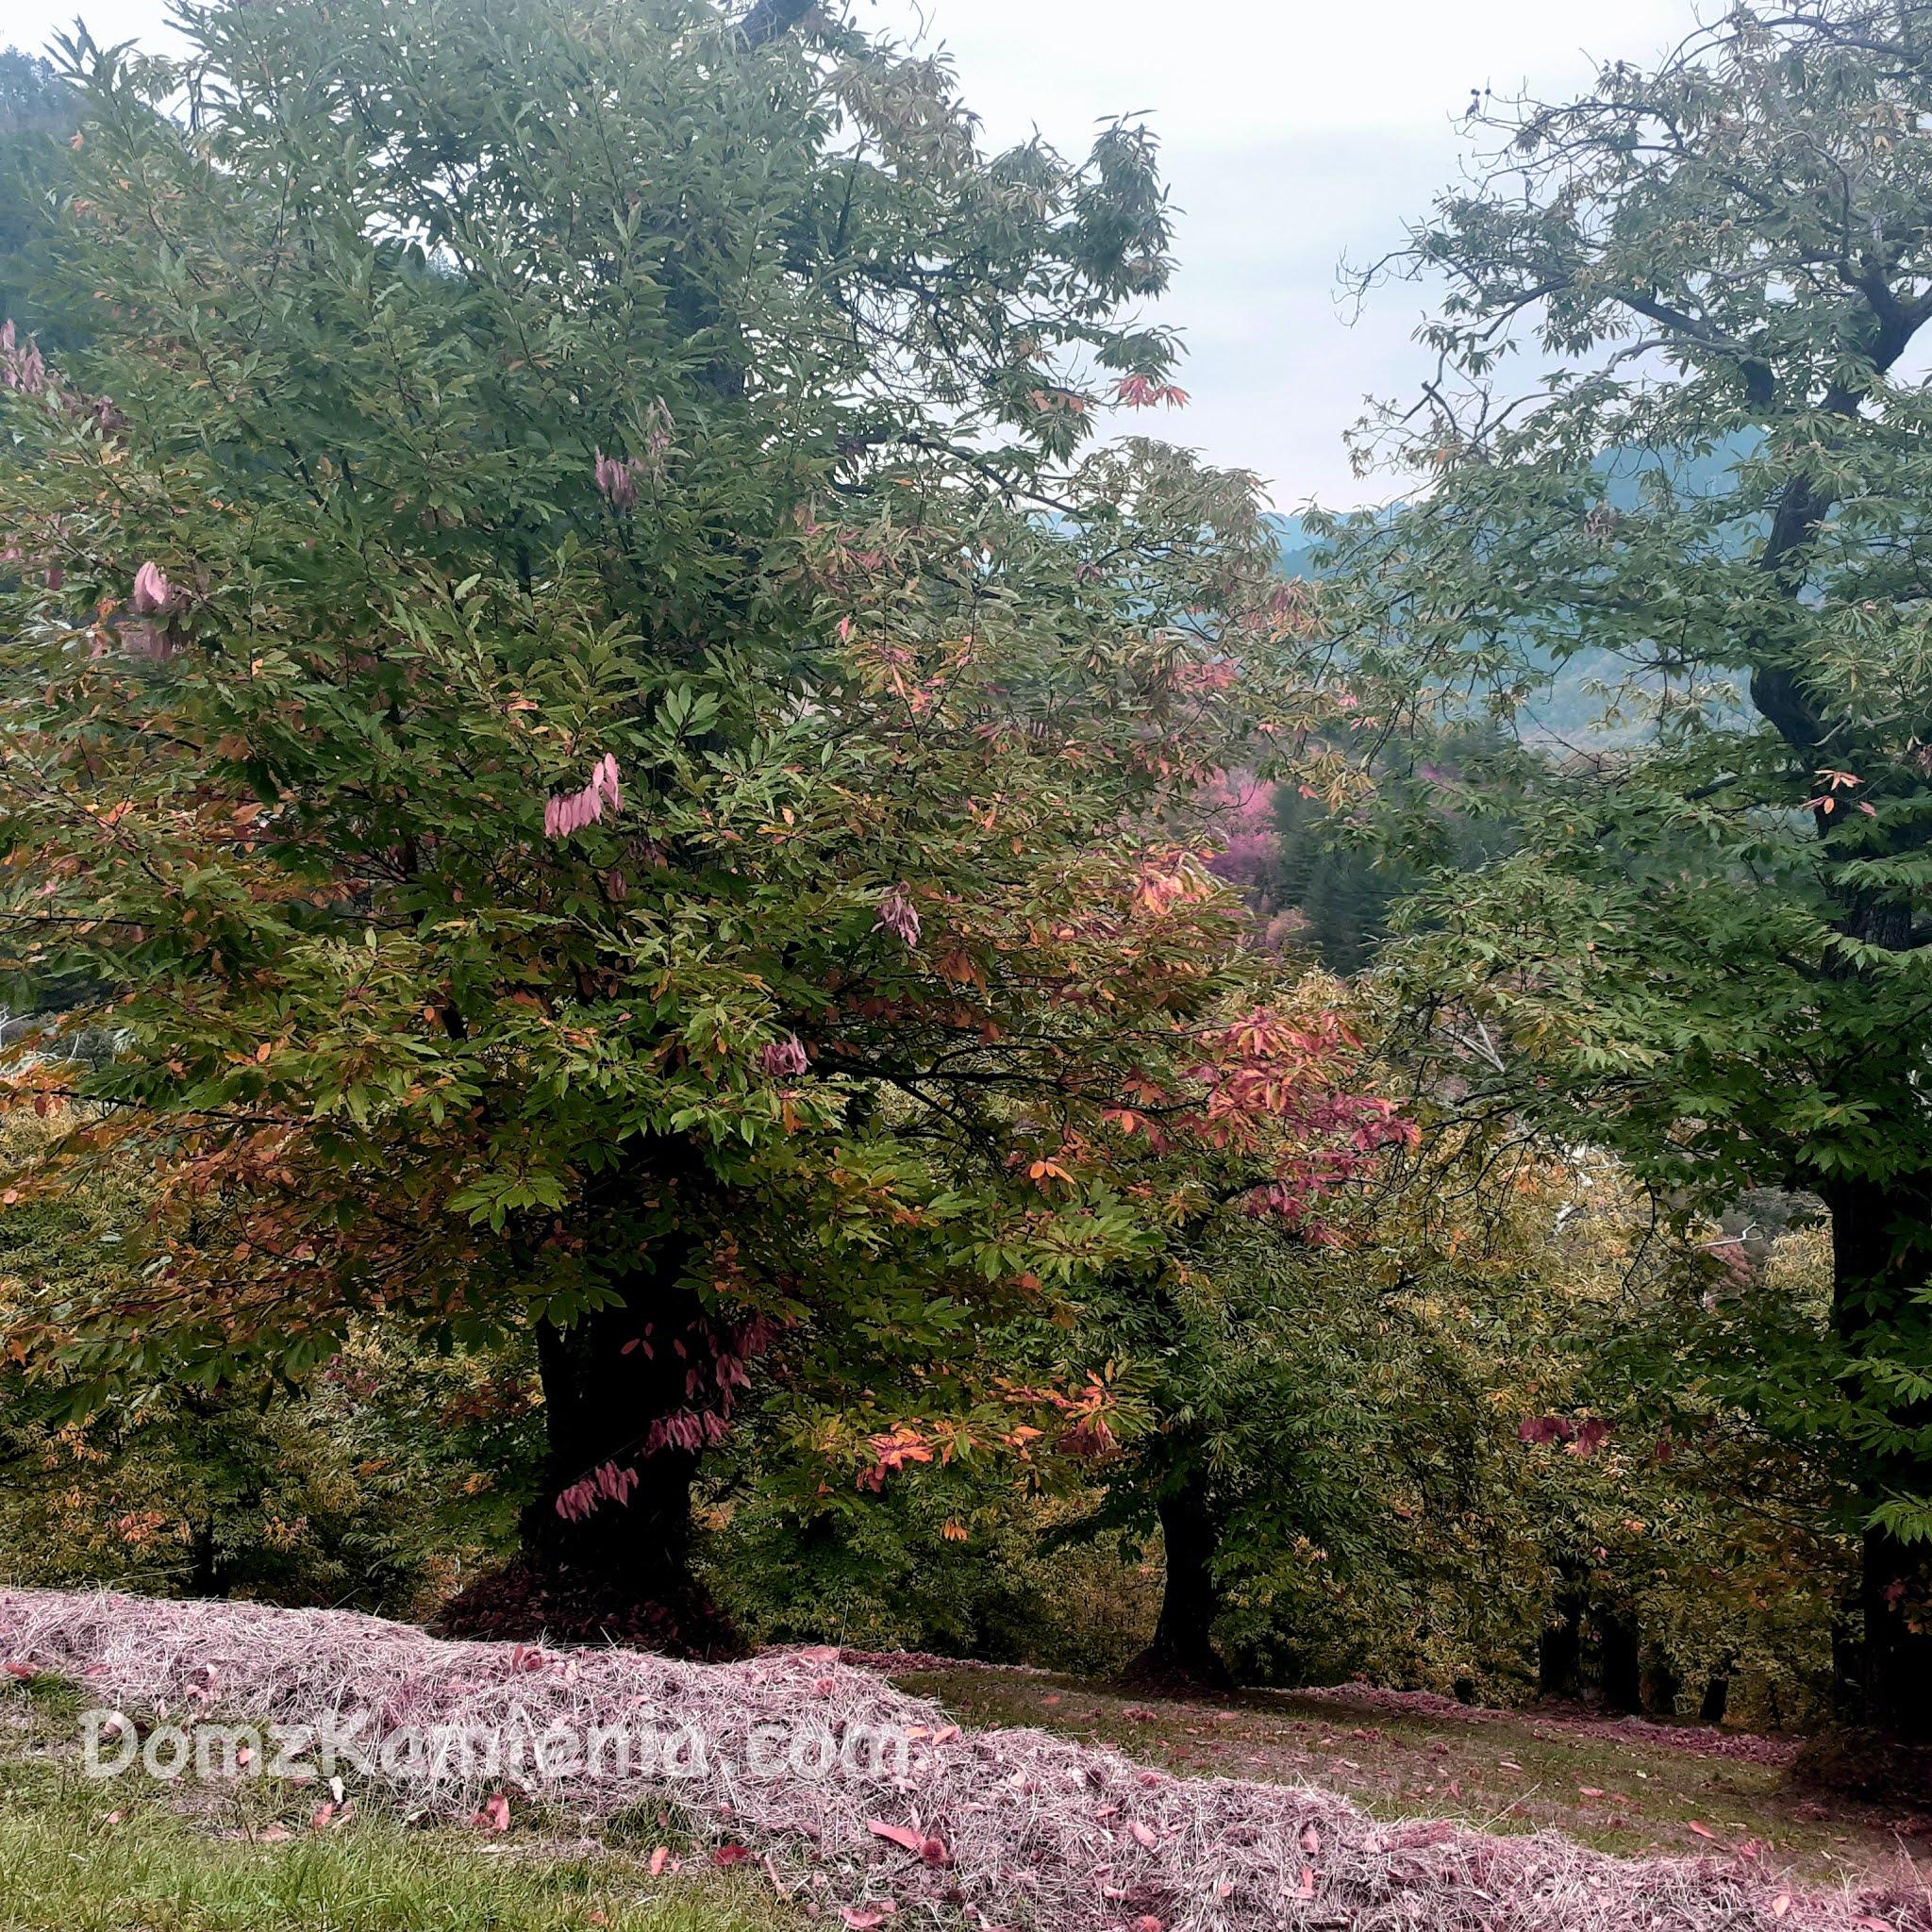 Dom z Kamienia blog, gaje kasztanowe Toskania